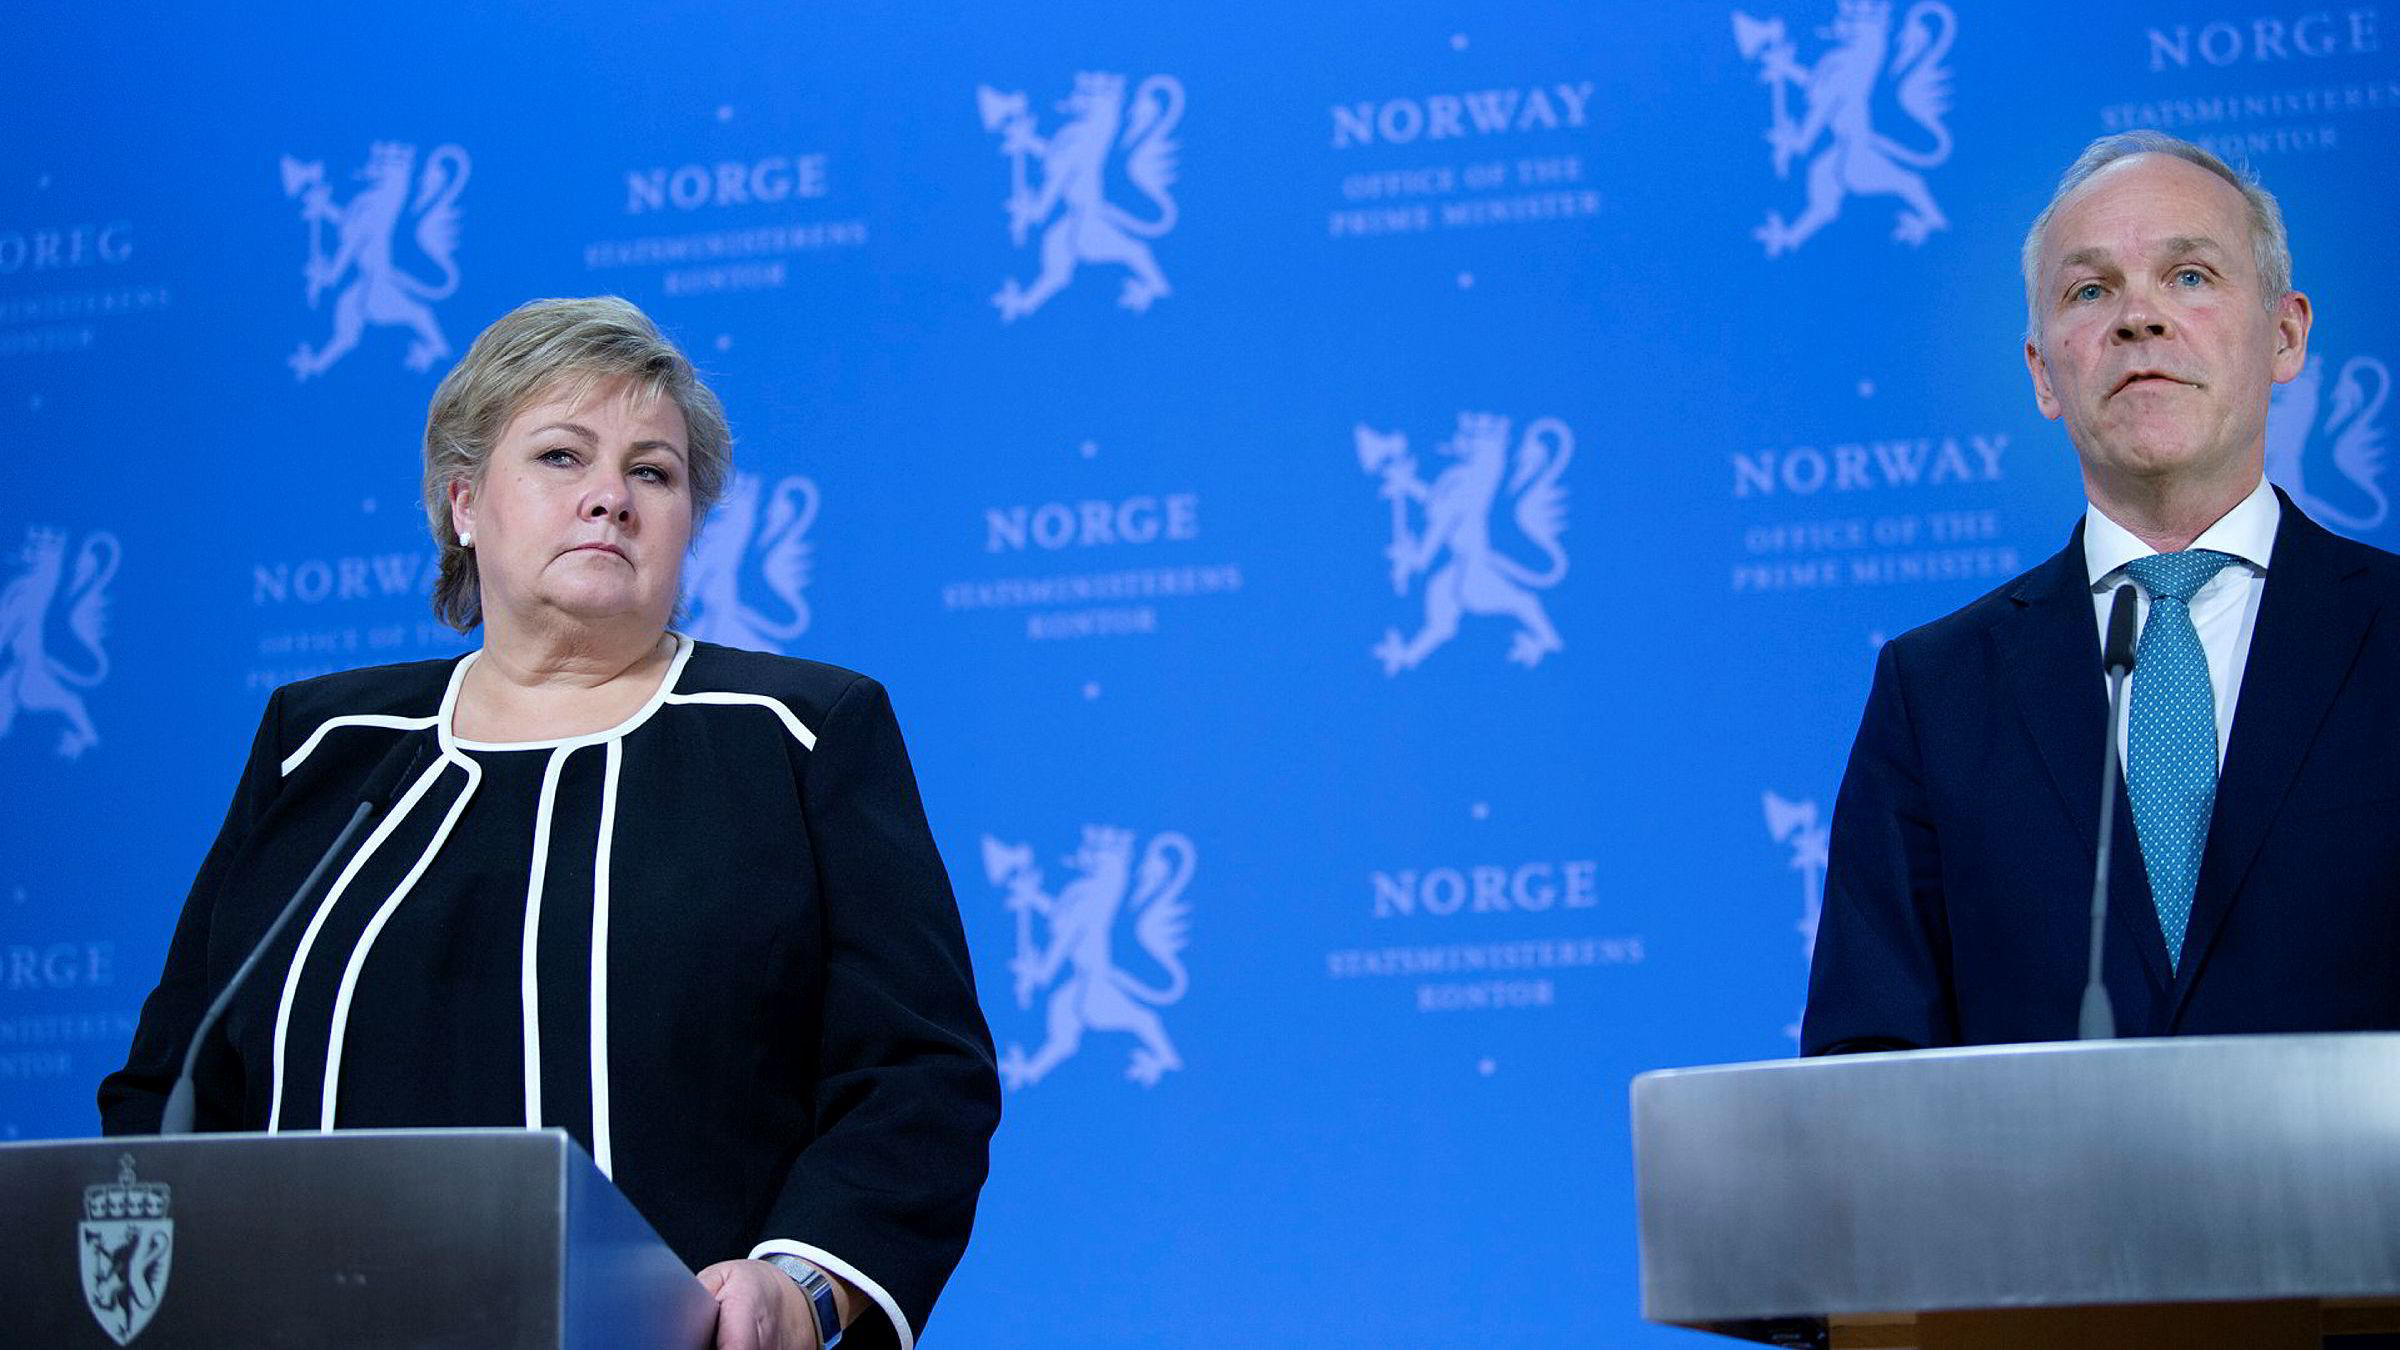 Hva som gir de alvorligste konsekvensene, selve pandemien eller tiltakene, er imidlertid uklart for meg, skriver artikkelforfatteren. Statsminister Erna Solberg og finansminister Jan Tore Sanner har presentert en omfattende krisepakke.